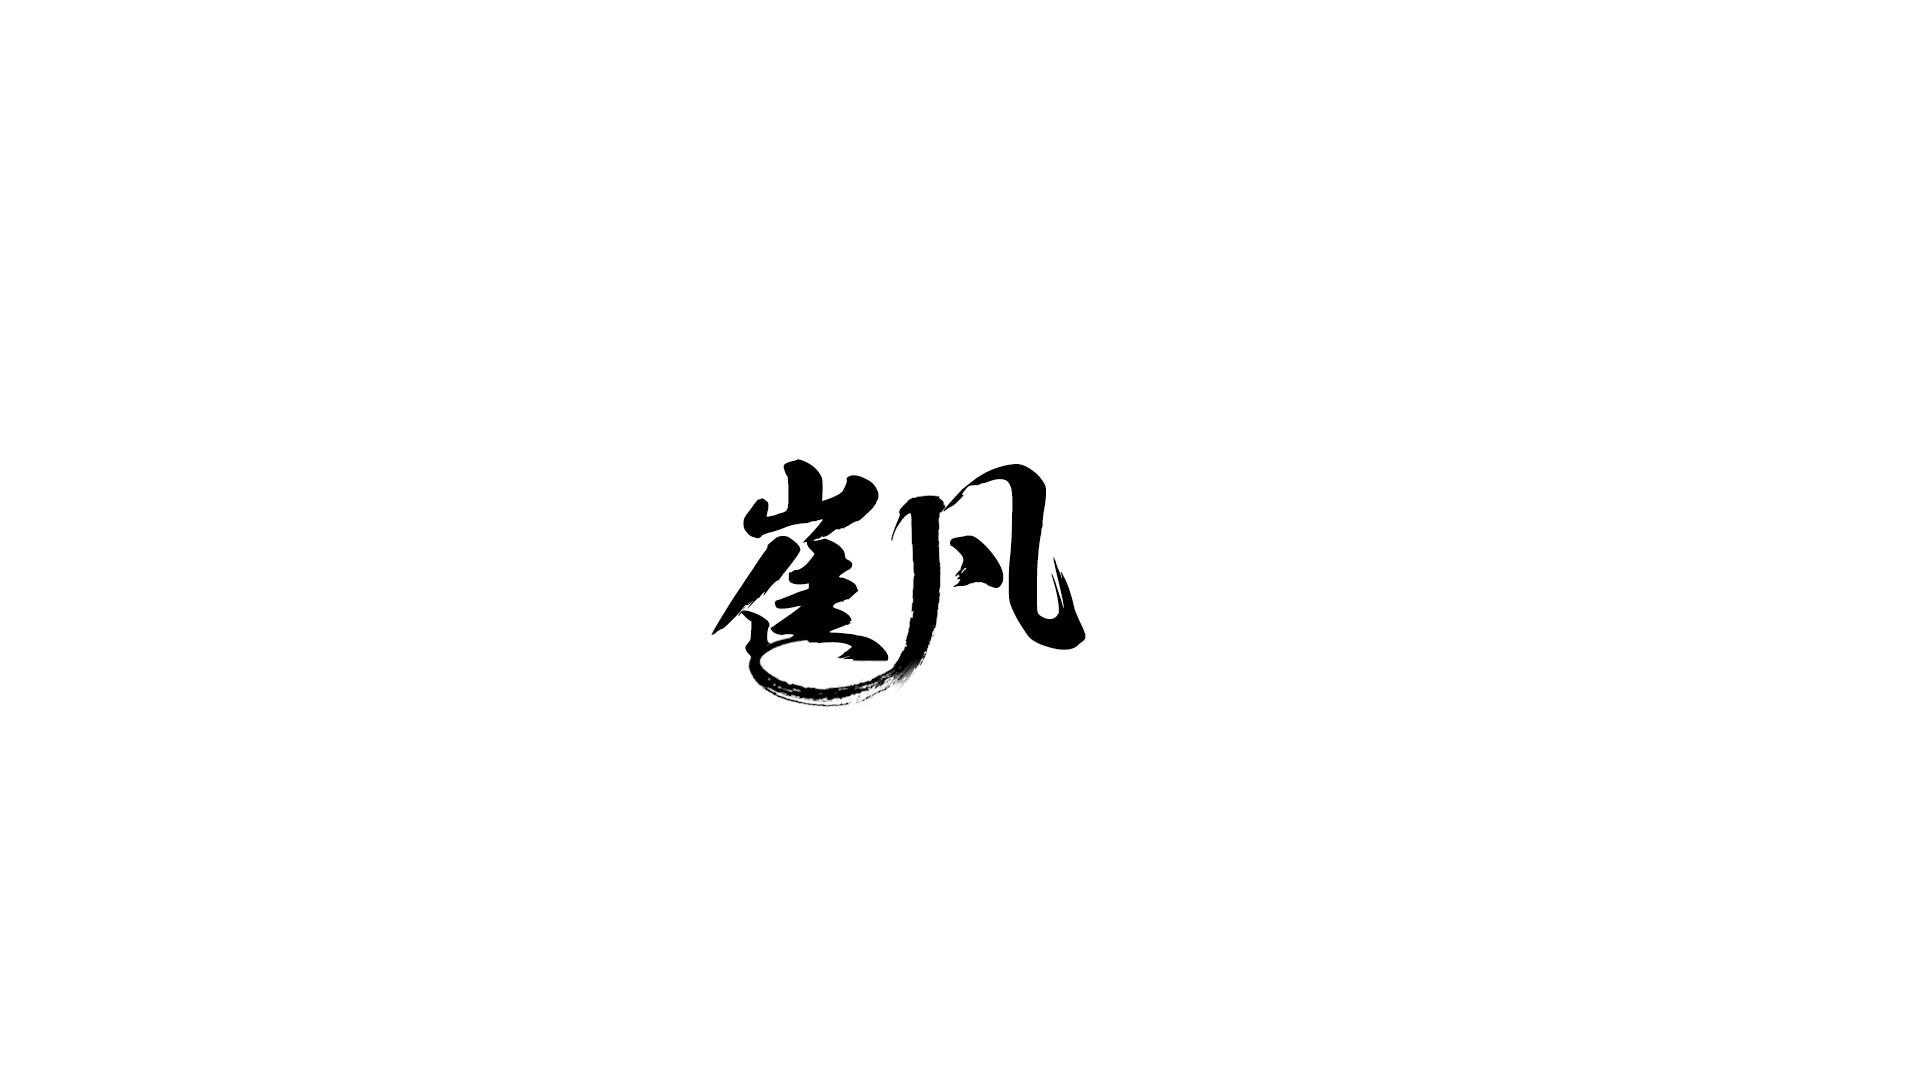 两个字的图案logo_3027207_k68威客网